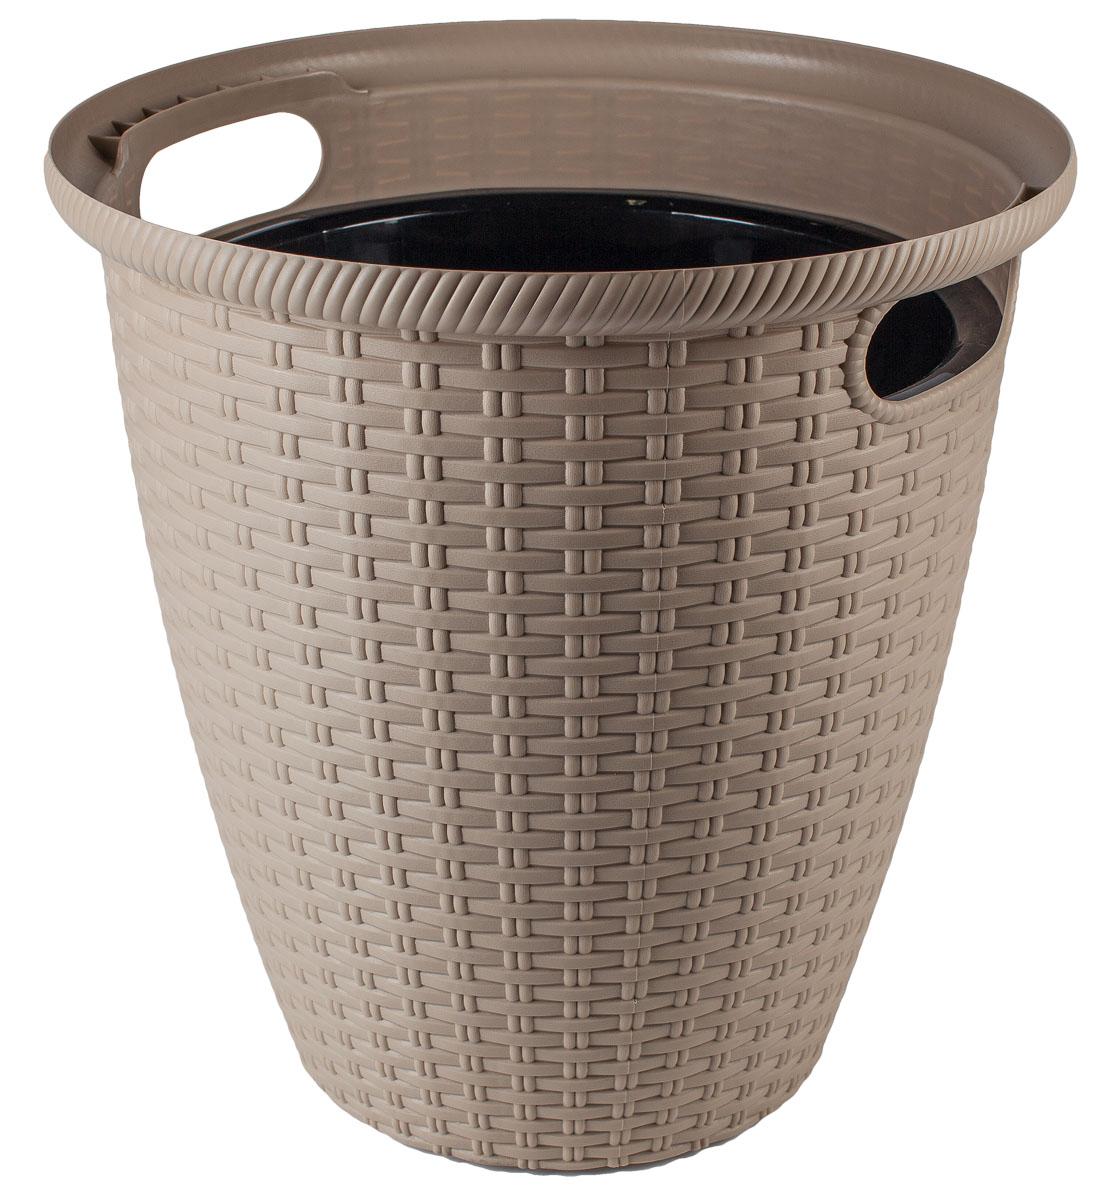 Кашпо InGreen Ротанг, напольное, цвет: шоколадный, диаметр 38 смING50030ШОККашпо InGreen Ротанг изготовлено из высококачественного пластика с плетеной текстурой. Такое кашпо прекрасно подойдет для выращивания растений и цветов в домашних условиях. Лаконичный дизайн впишется в интерьер любого помещения. Размер кашпо: 38 х 38 х 37,8 см.